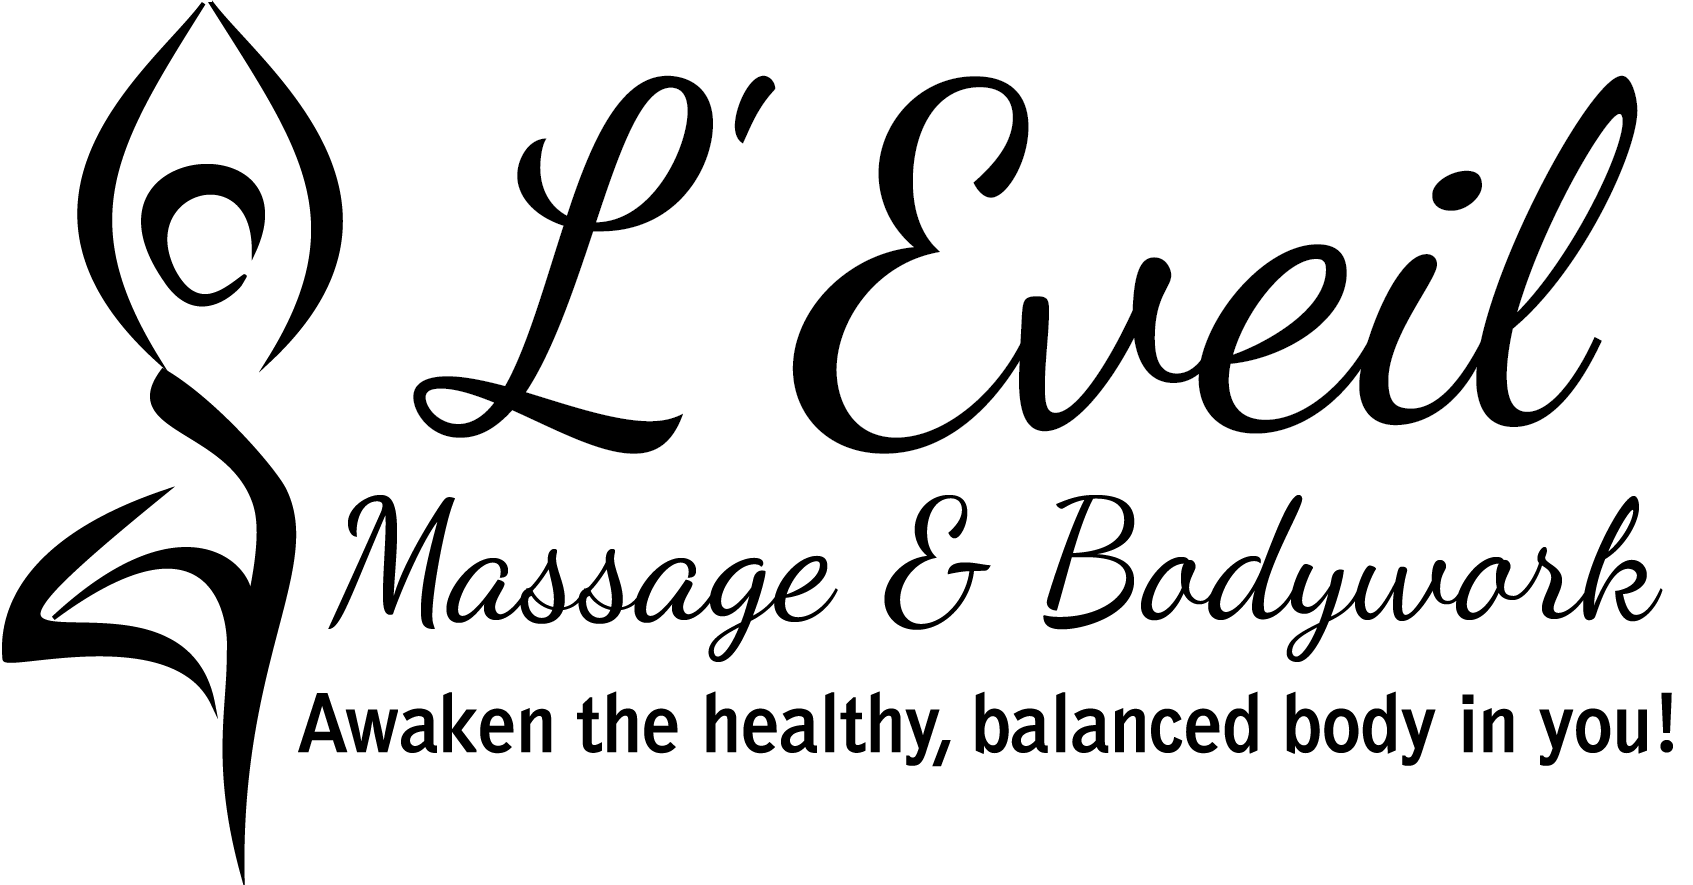 L'Eveil Massage & Bodywork